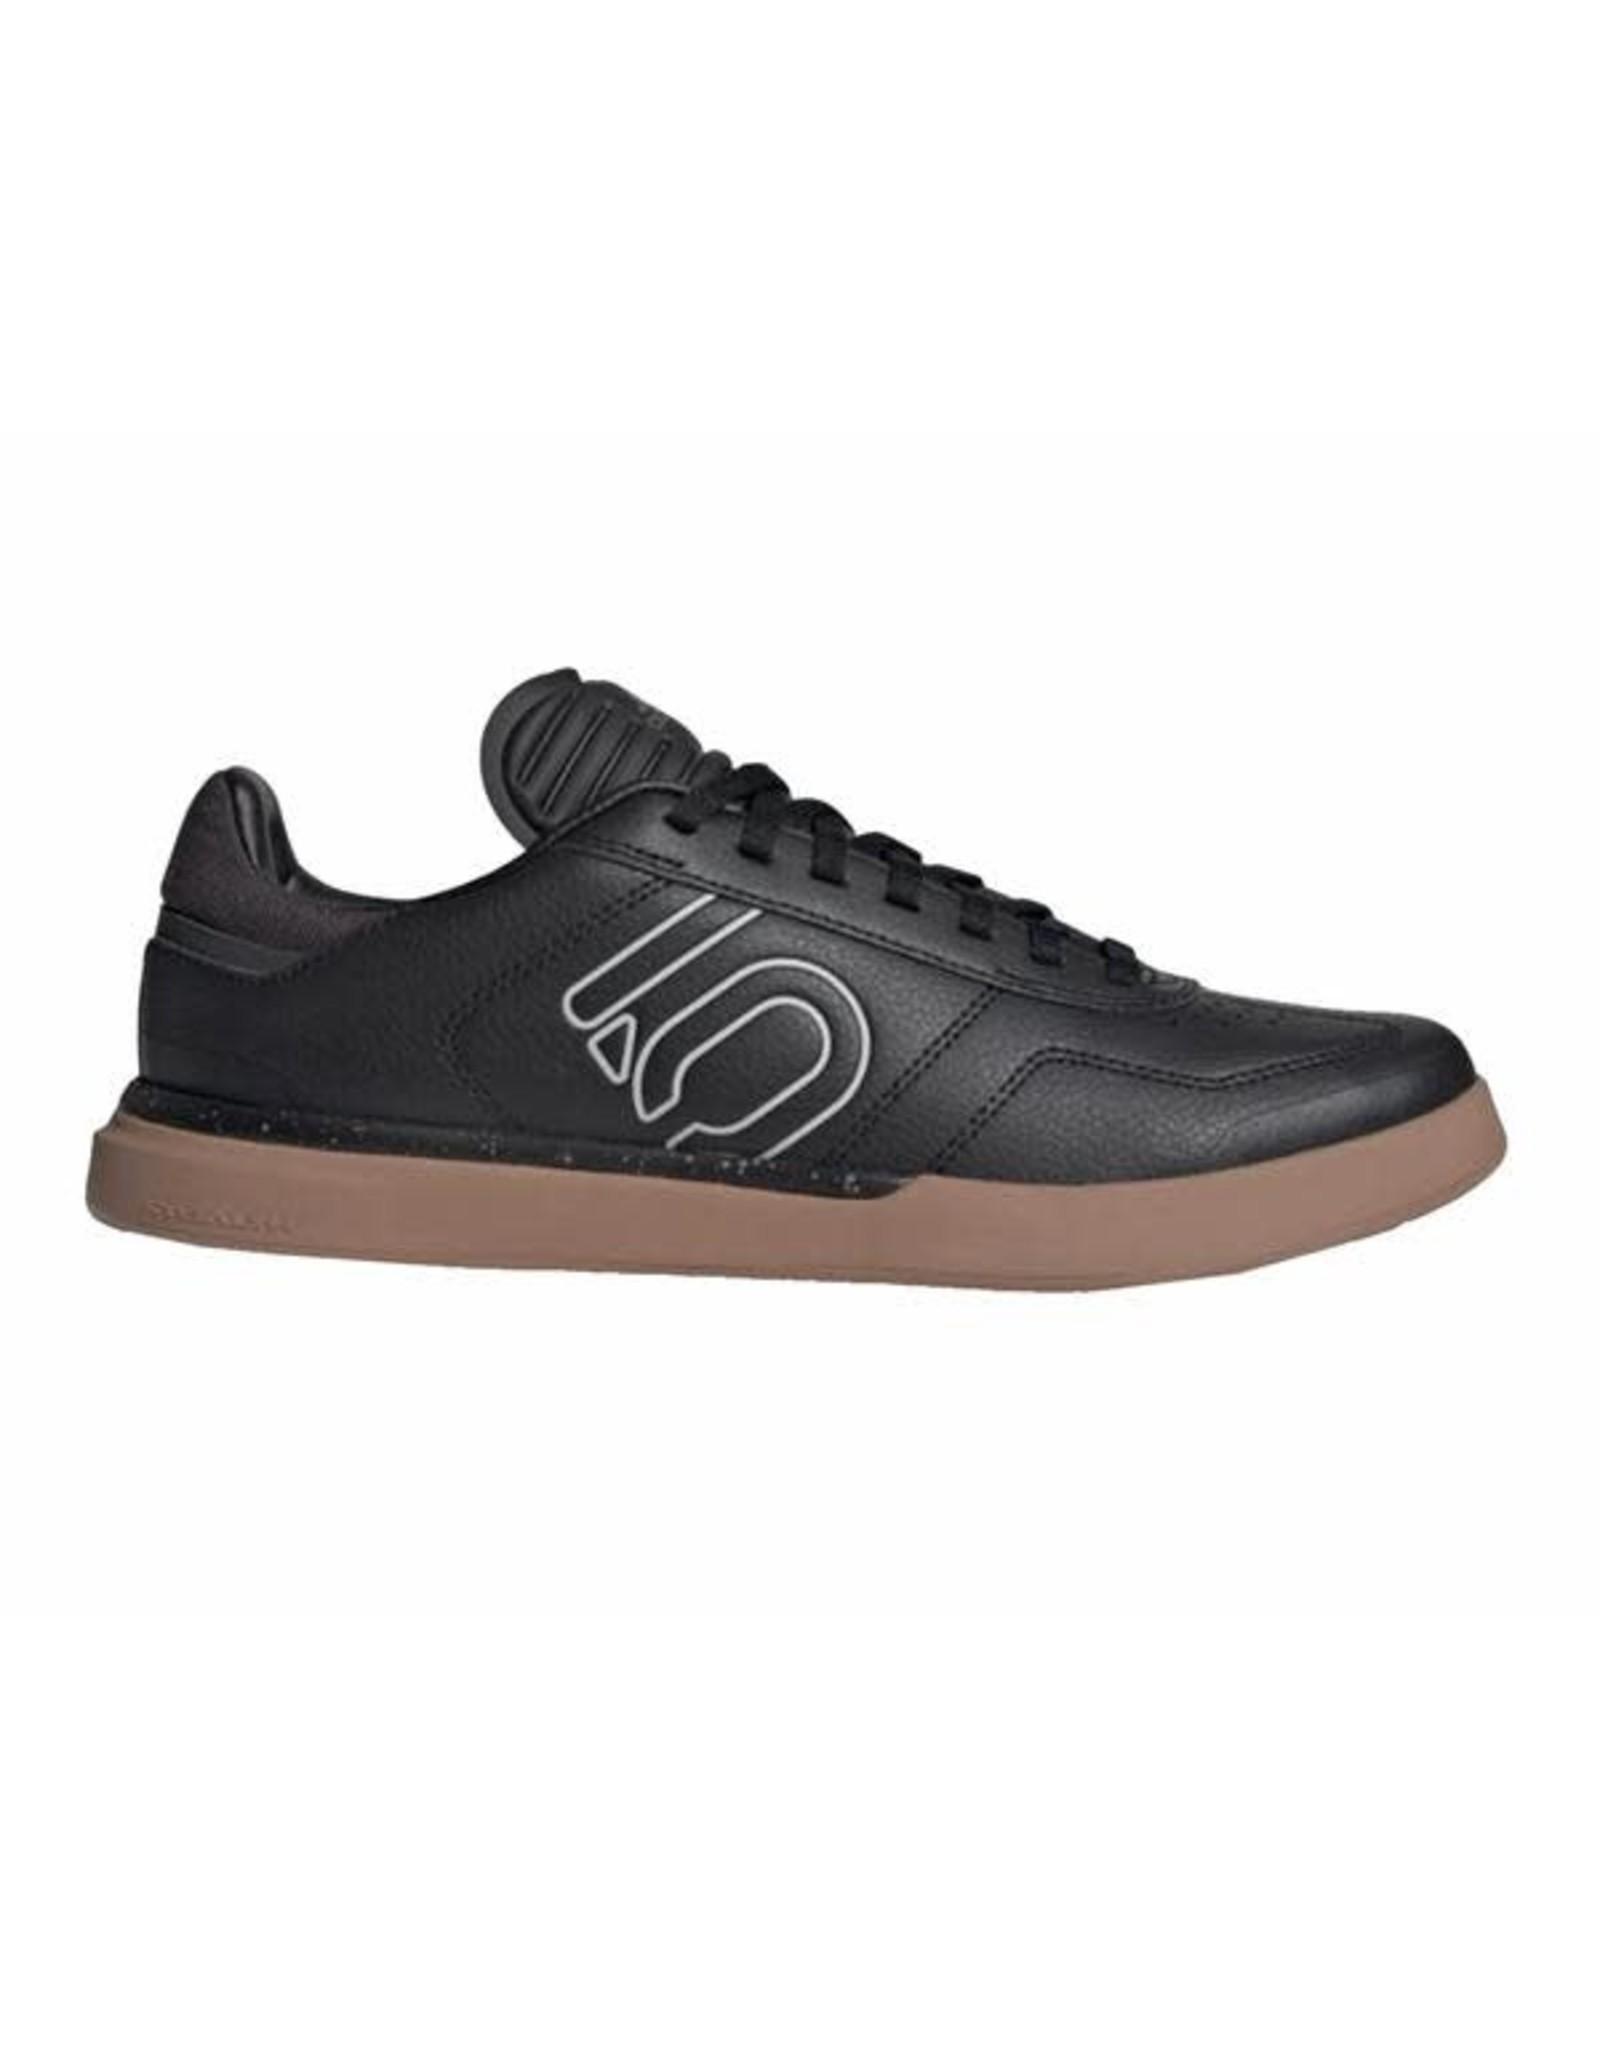 Five Ten Five Ten Sleuth DLX PU Women's Flat Shoe: Black/Gray Two/Gum